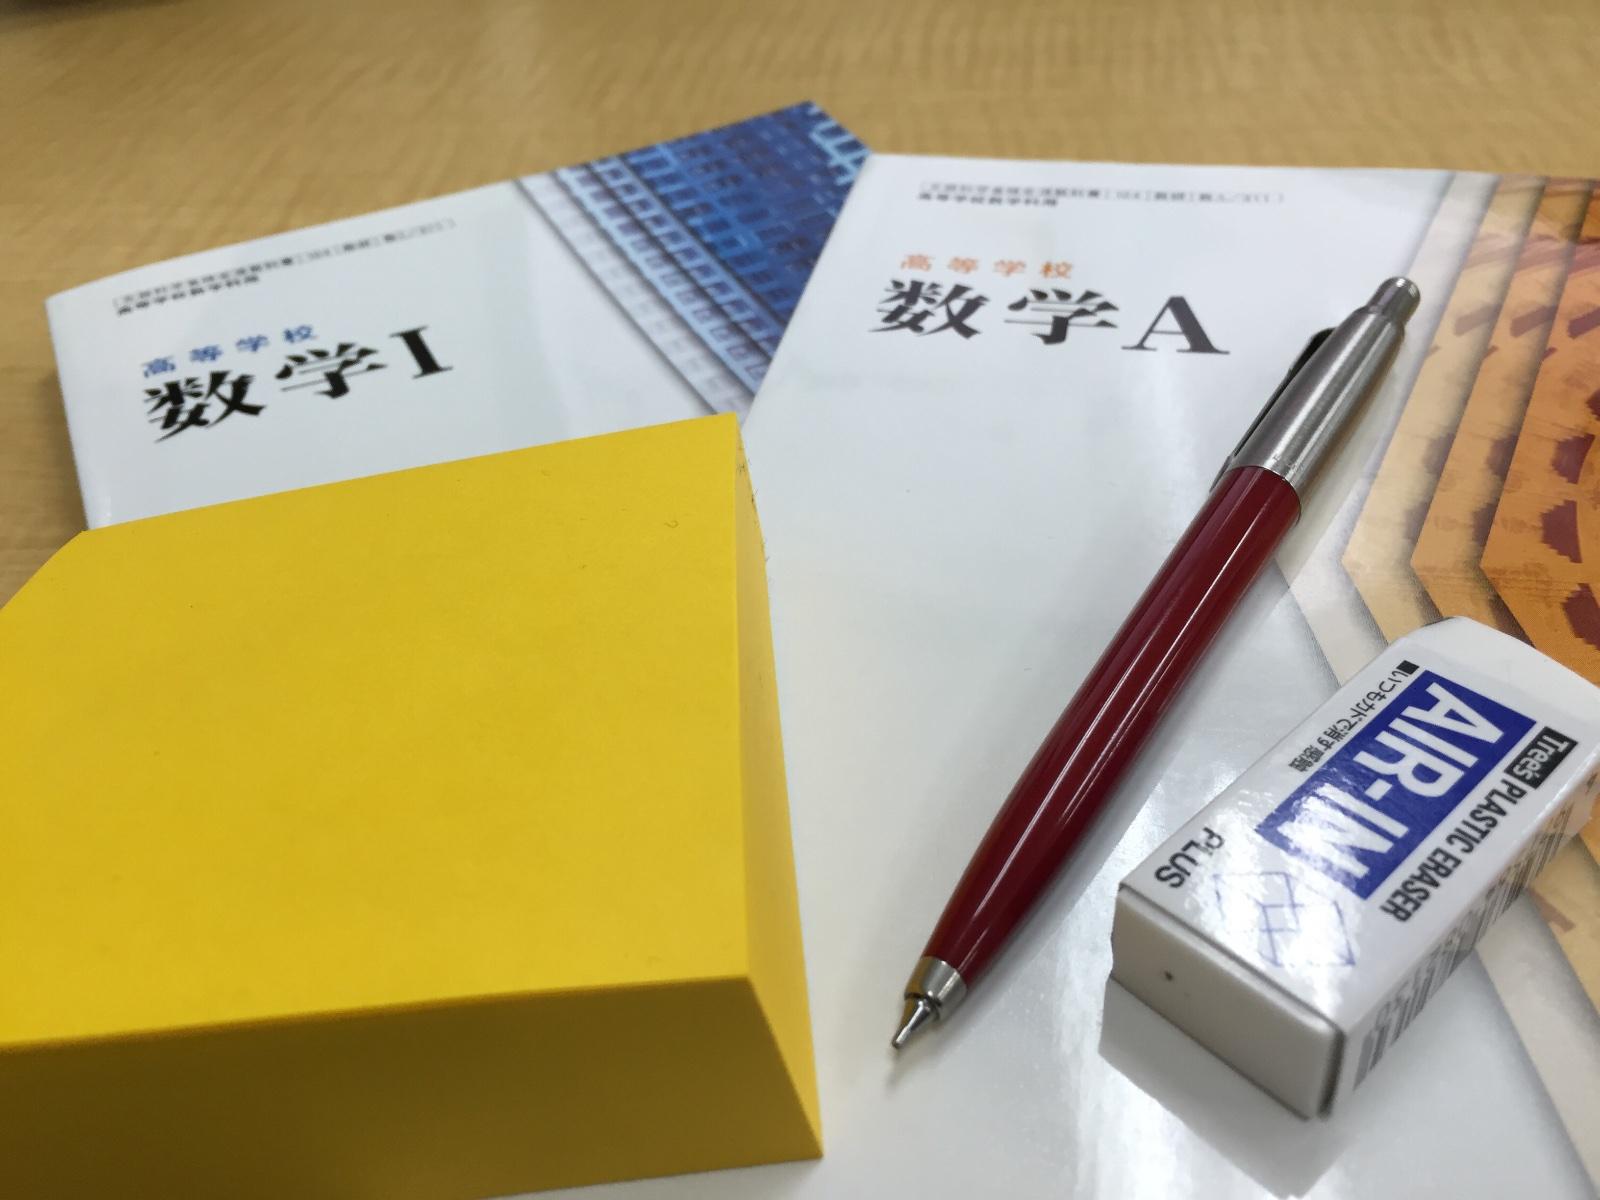 高得点へのポイント④数I数Aのセンター試験対策【大学受験勉強】